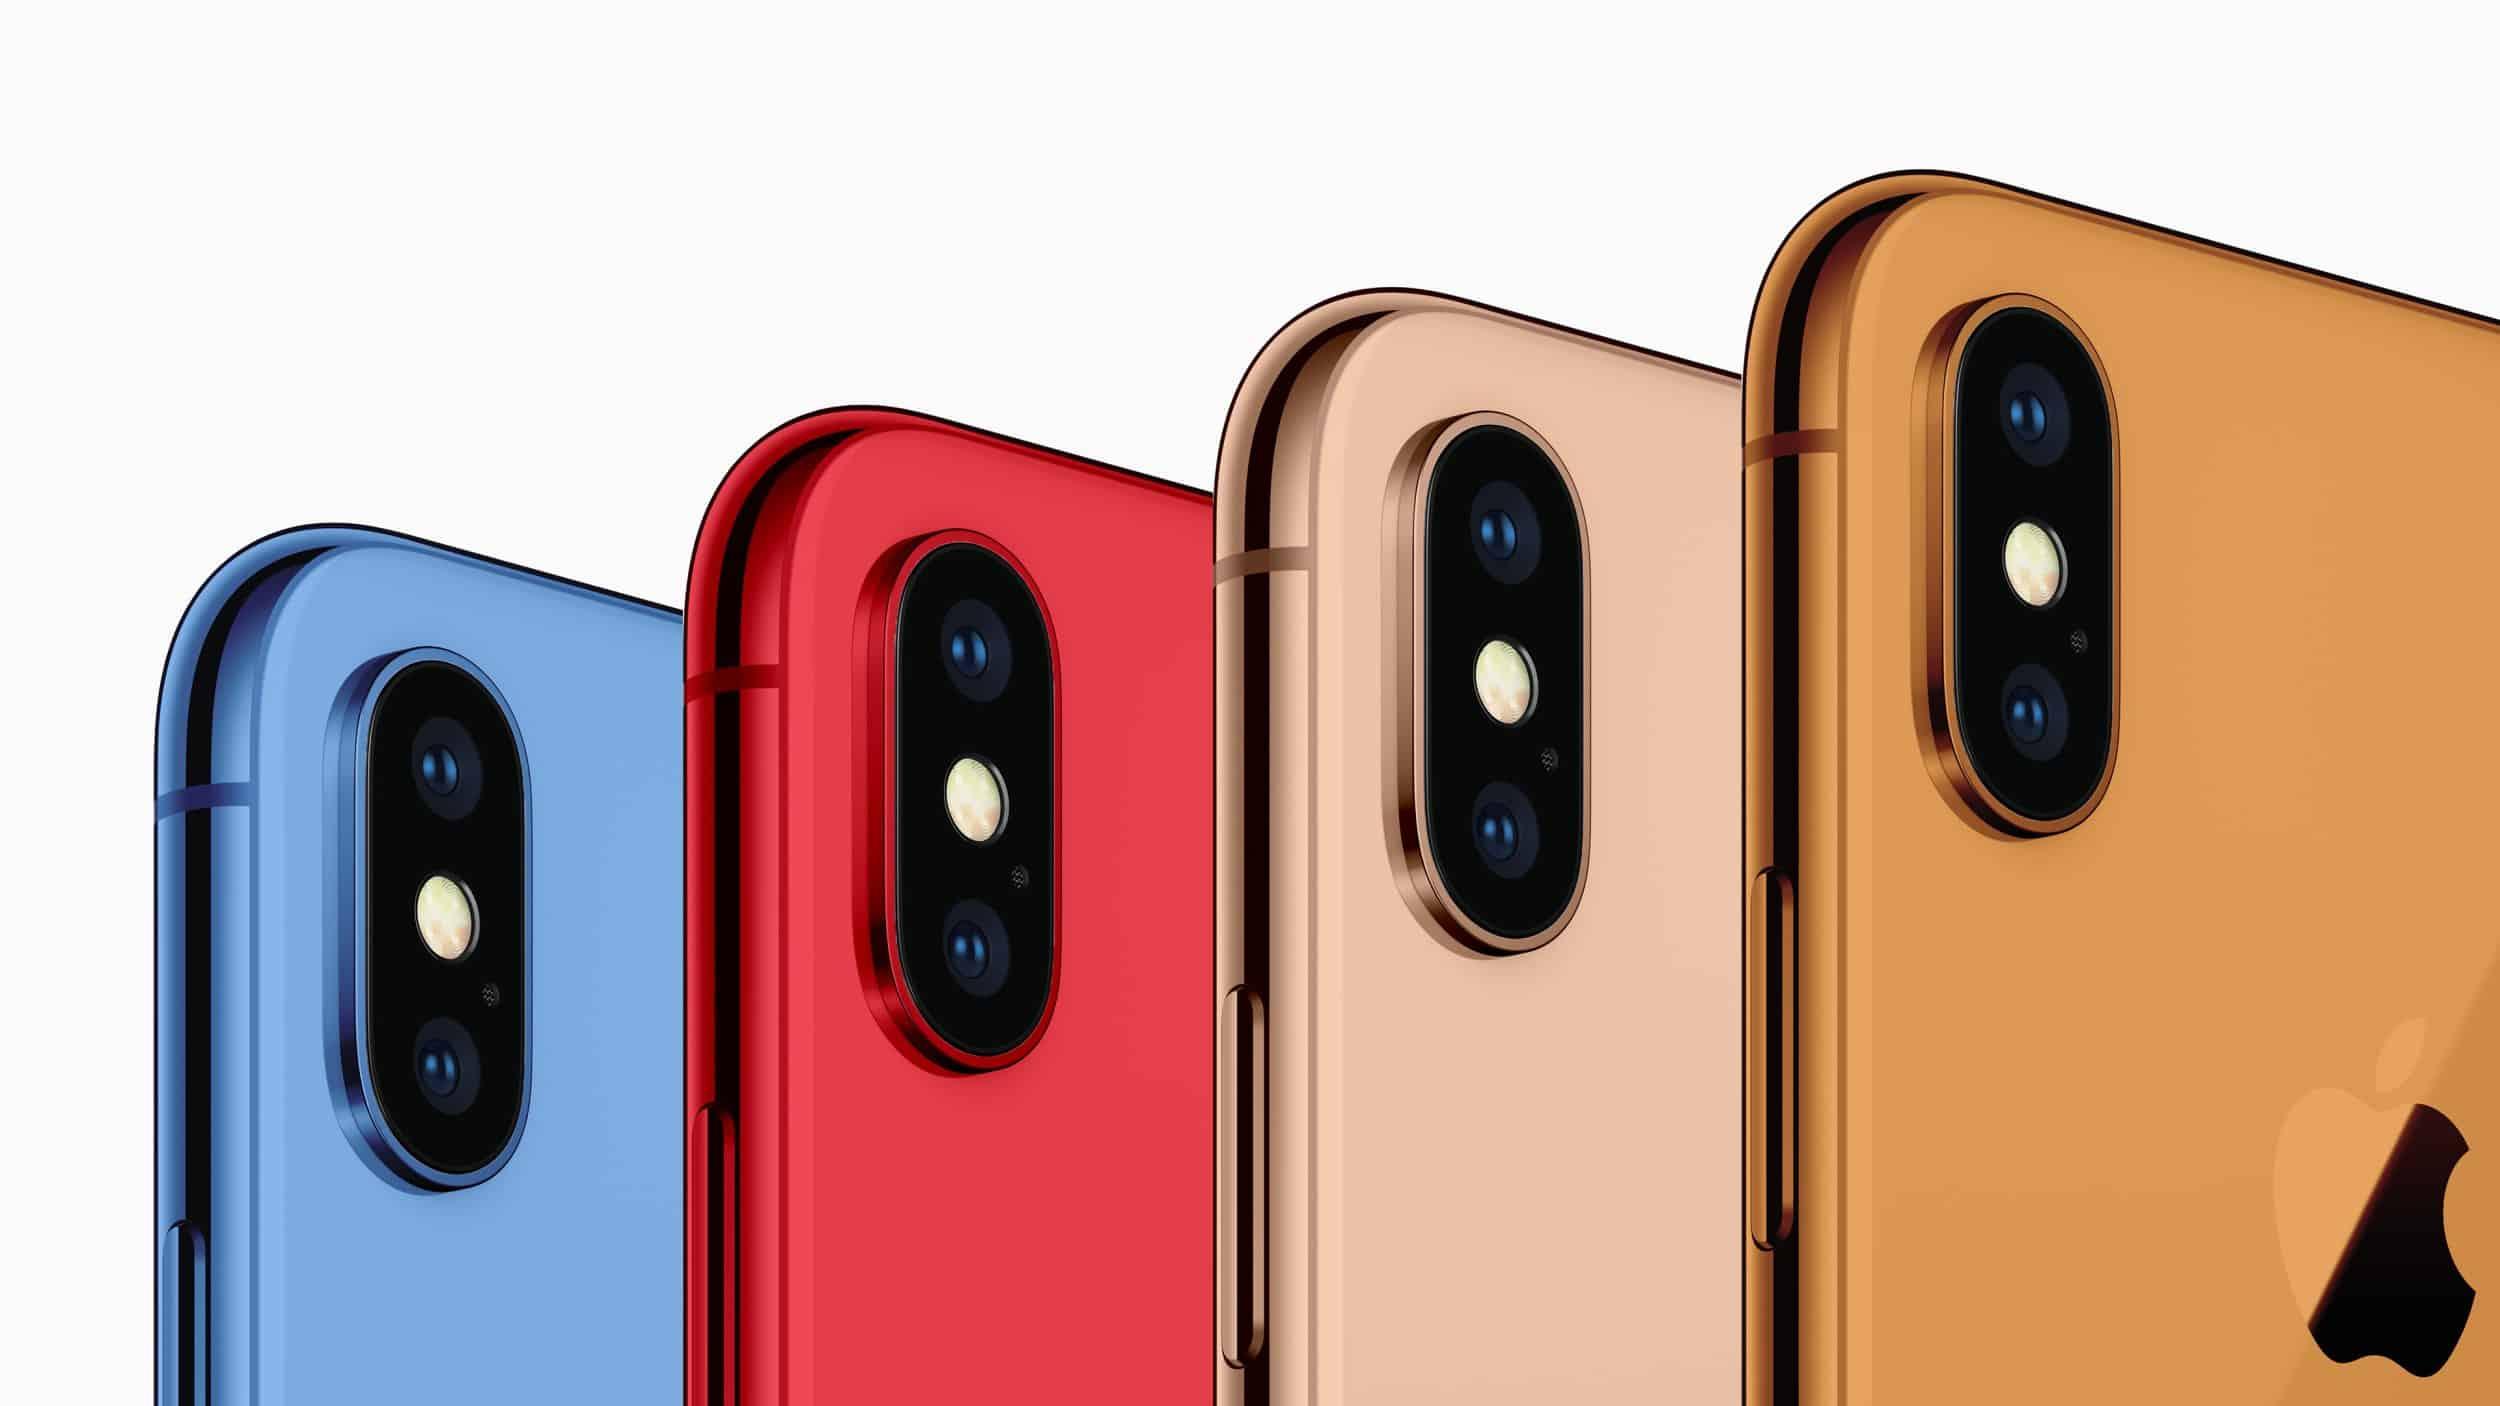 Tegoroczny iPhone X Plus za mniej niż 1000 dolarów? Kolorowy iPhone 9?